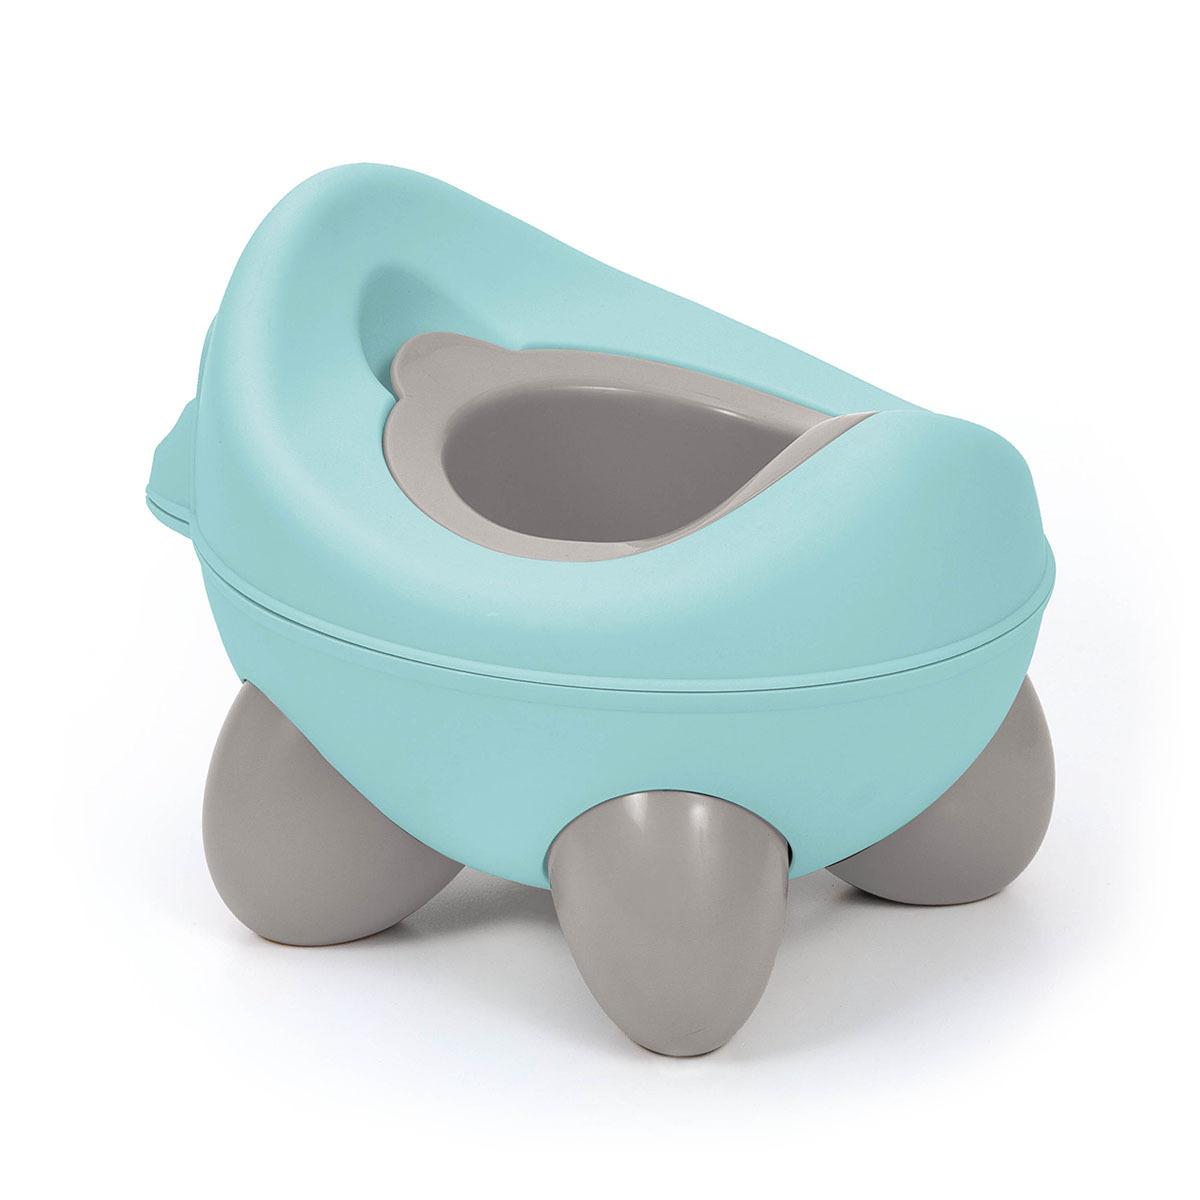 Pot & Réducteur Pot Baby Bug - Vert/Gris Pot Baby Bug - Vert/Gris